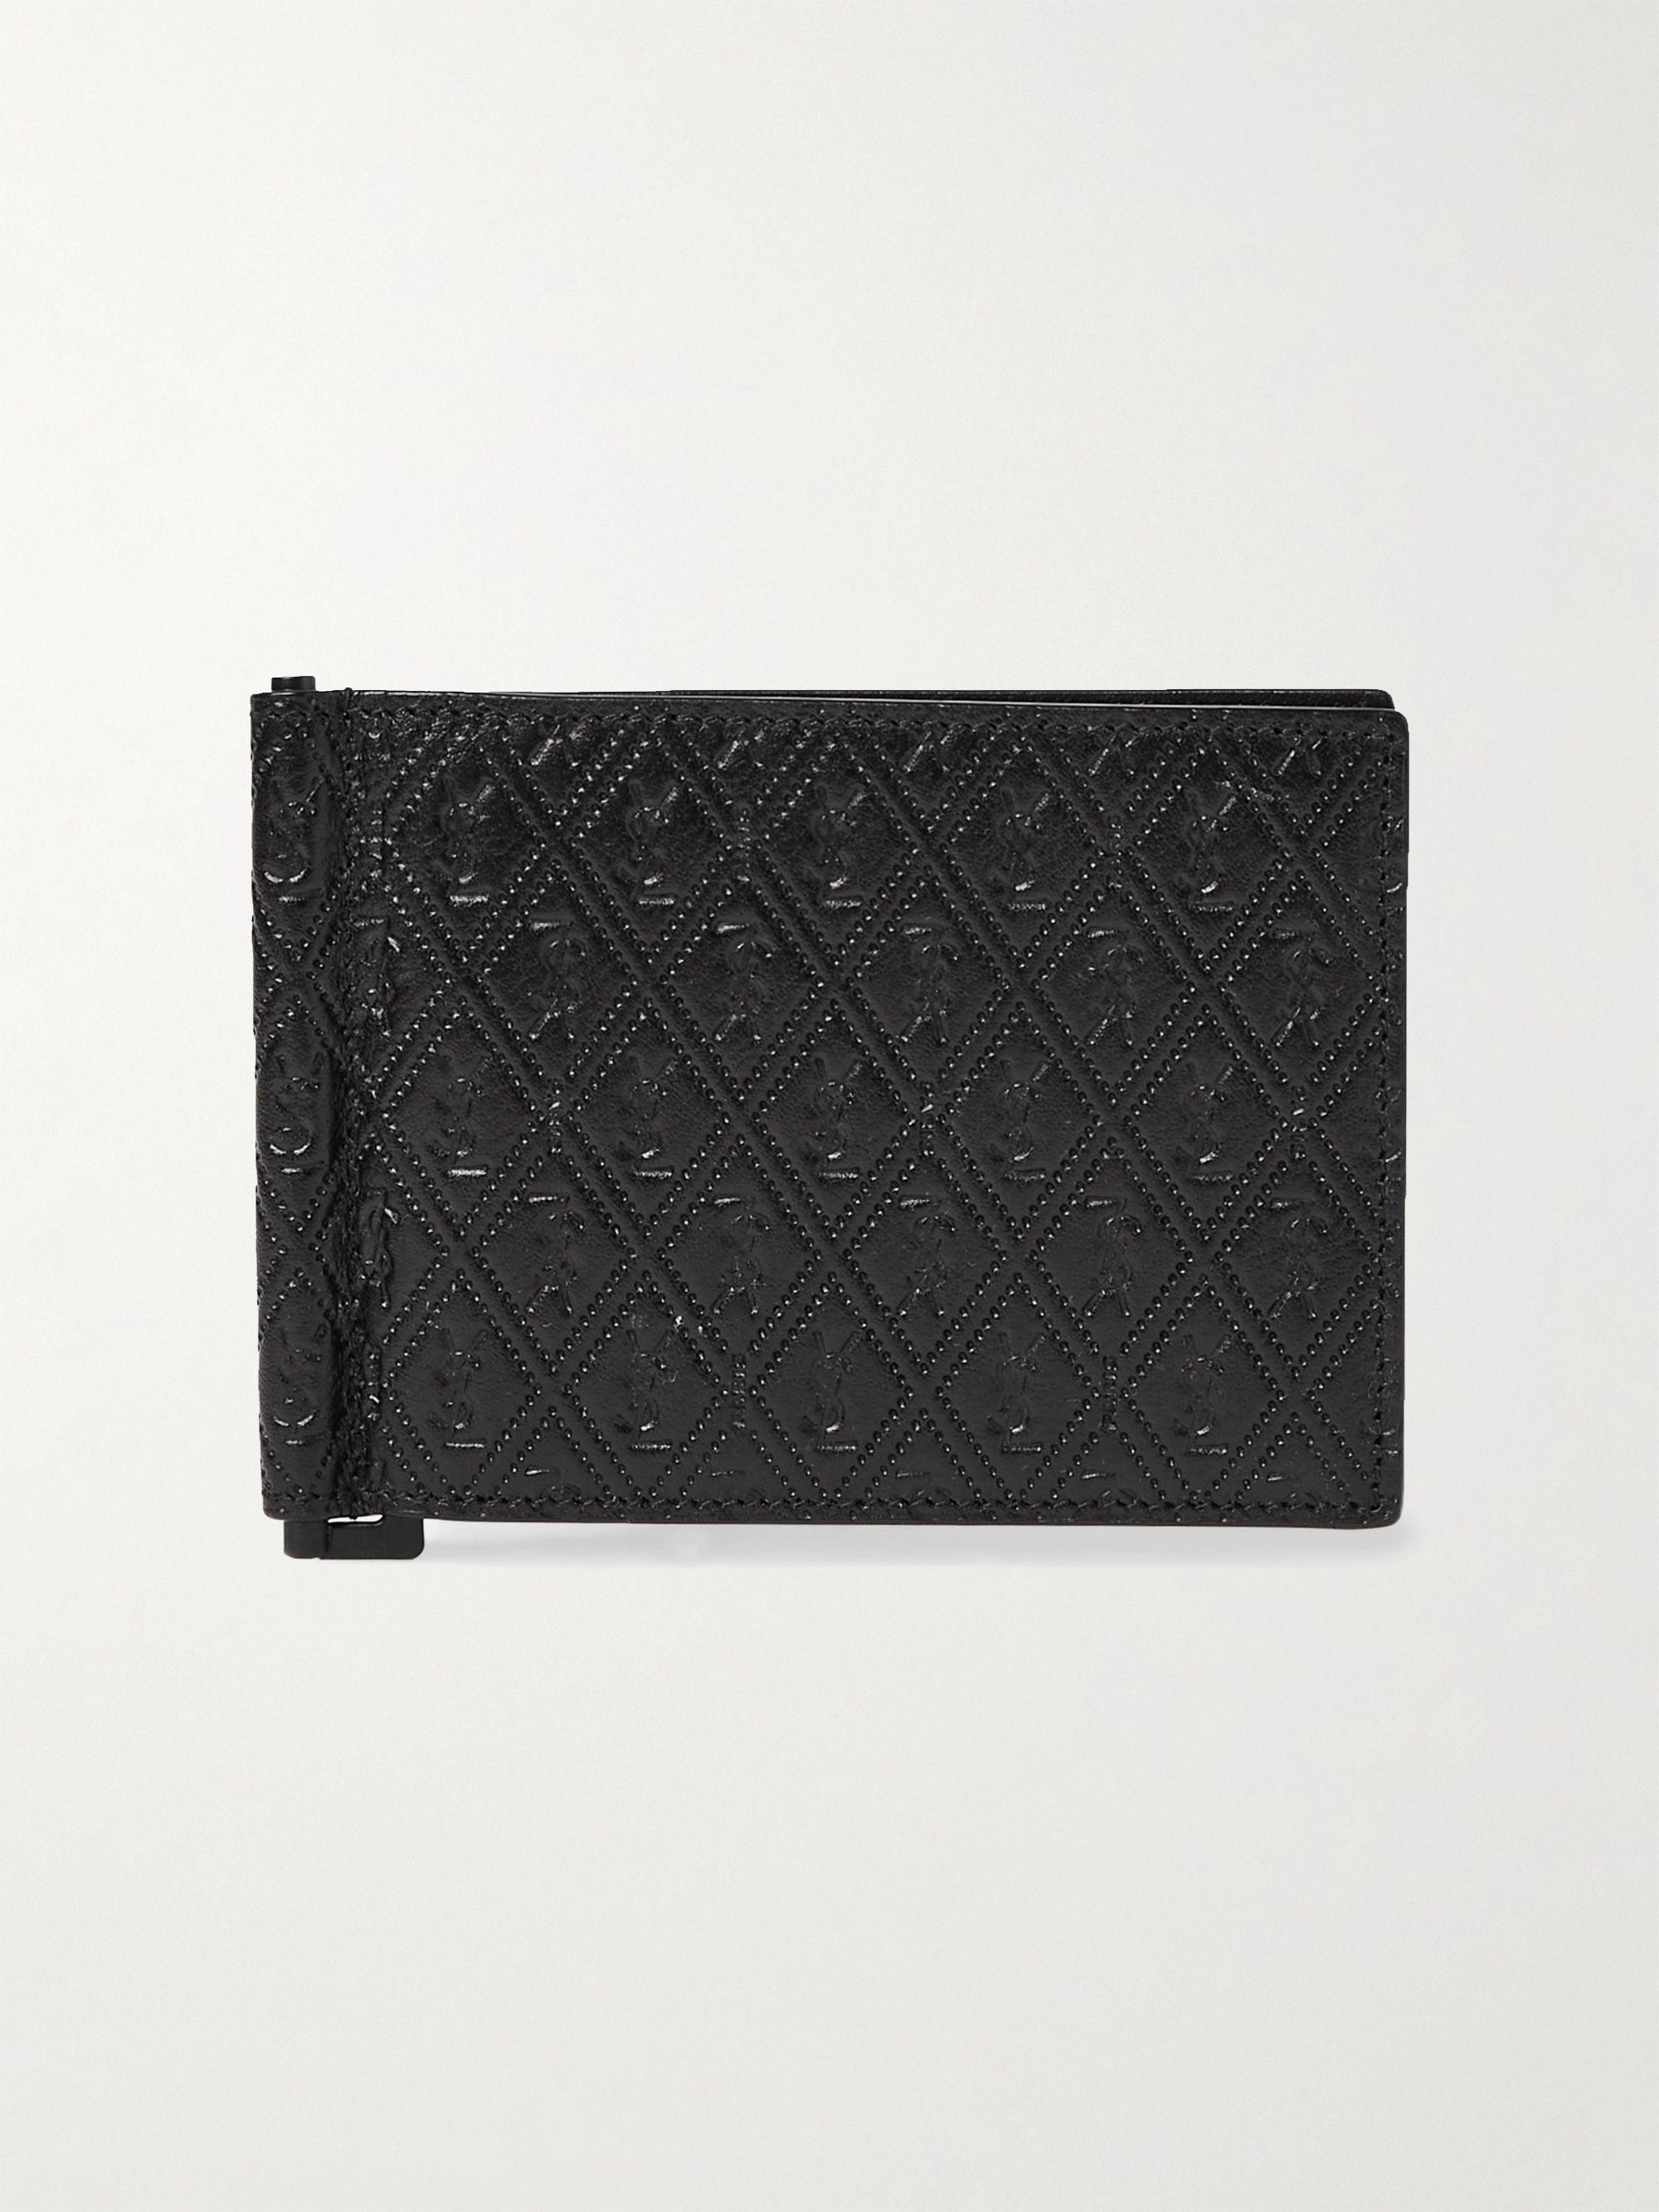 생 로랑 올오버 지갑과 머니클립 - 엠보스드 가죽 블랙 Saint Laurent Logo-Debossed Leather Wallet with Money Clip,Black